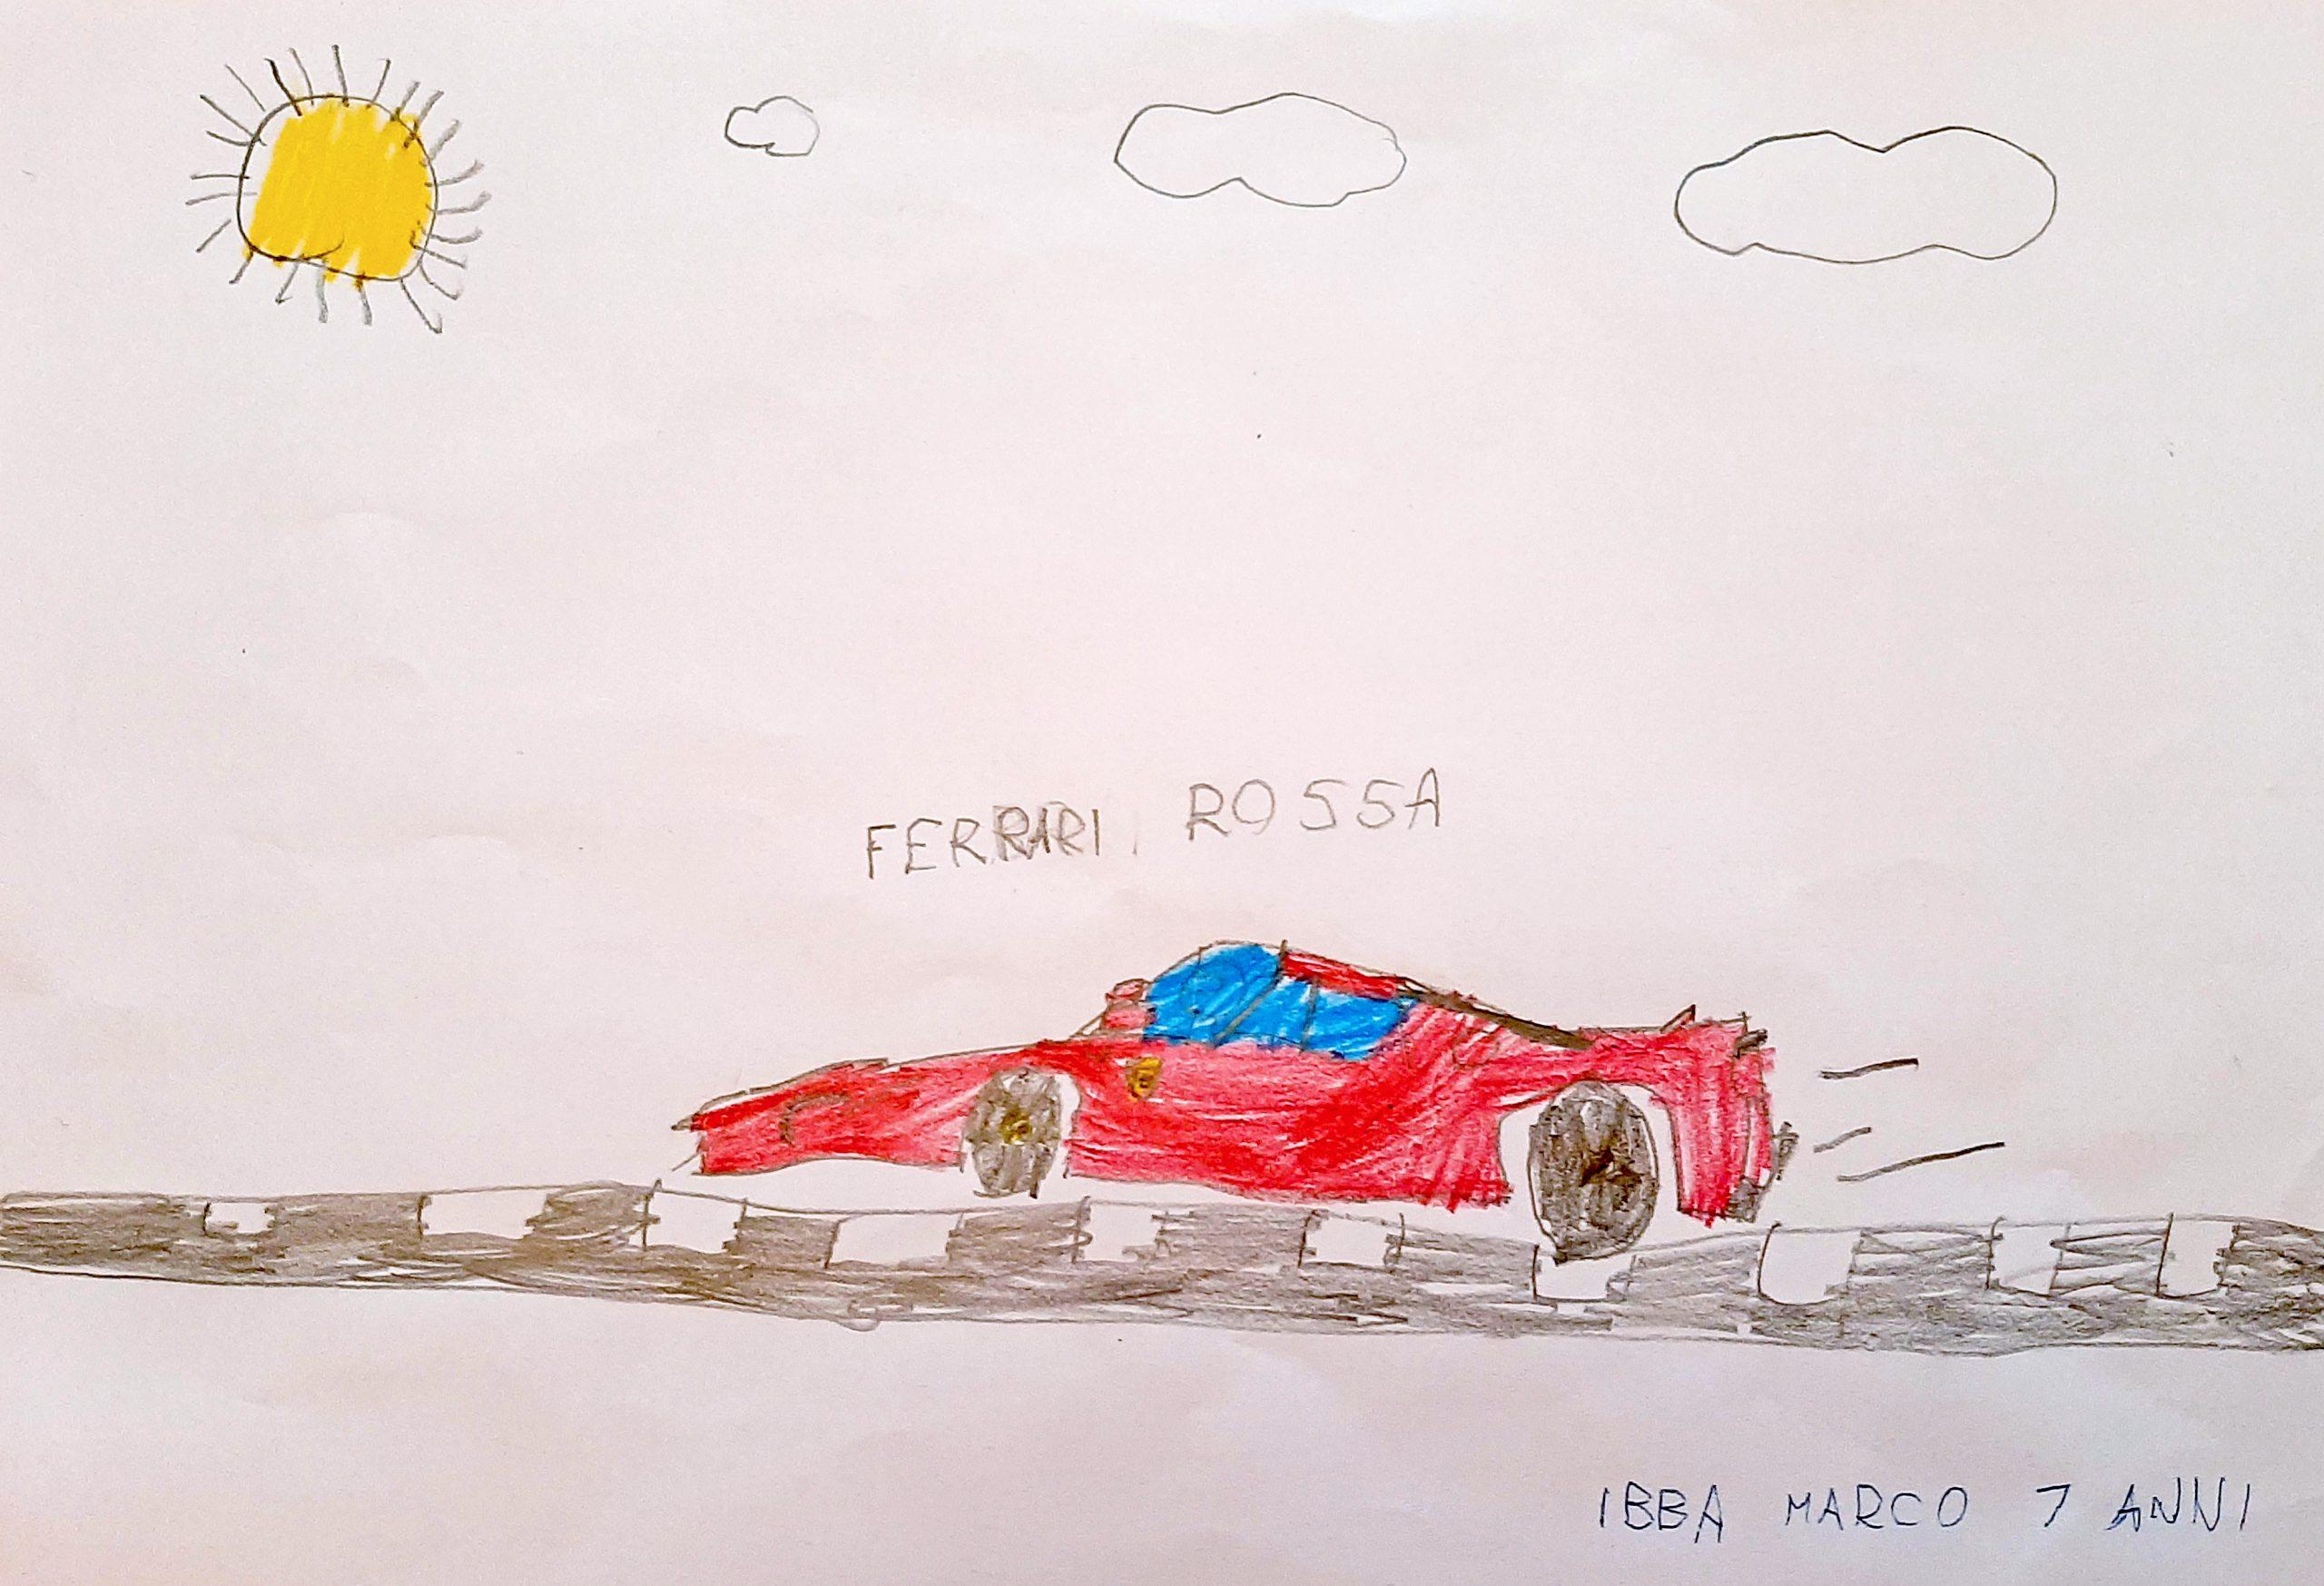 Questo disegno lo fatto Marco (7 anni)